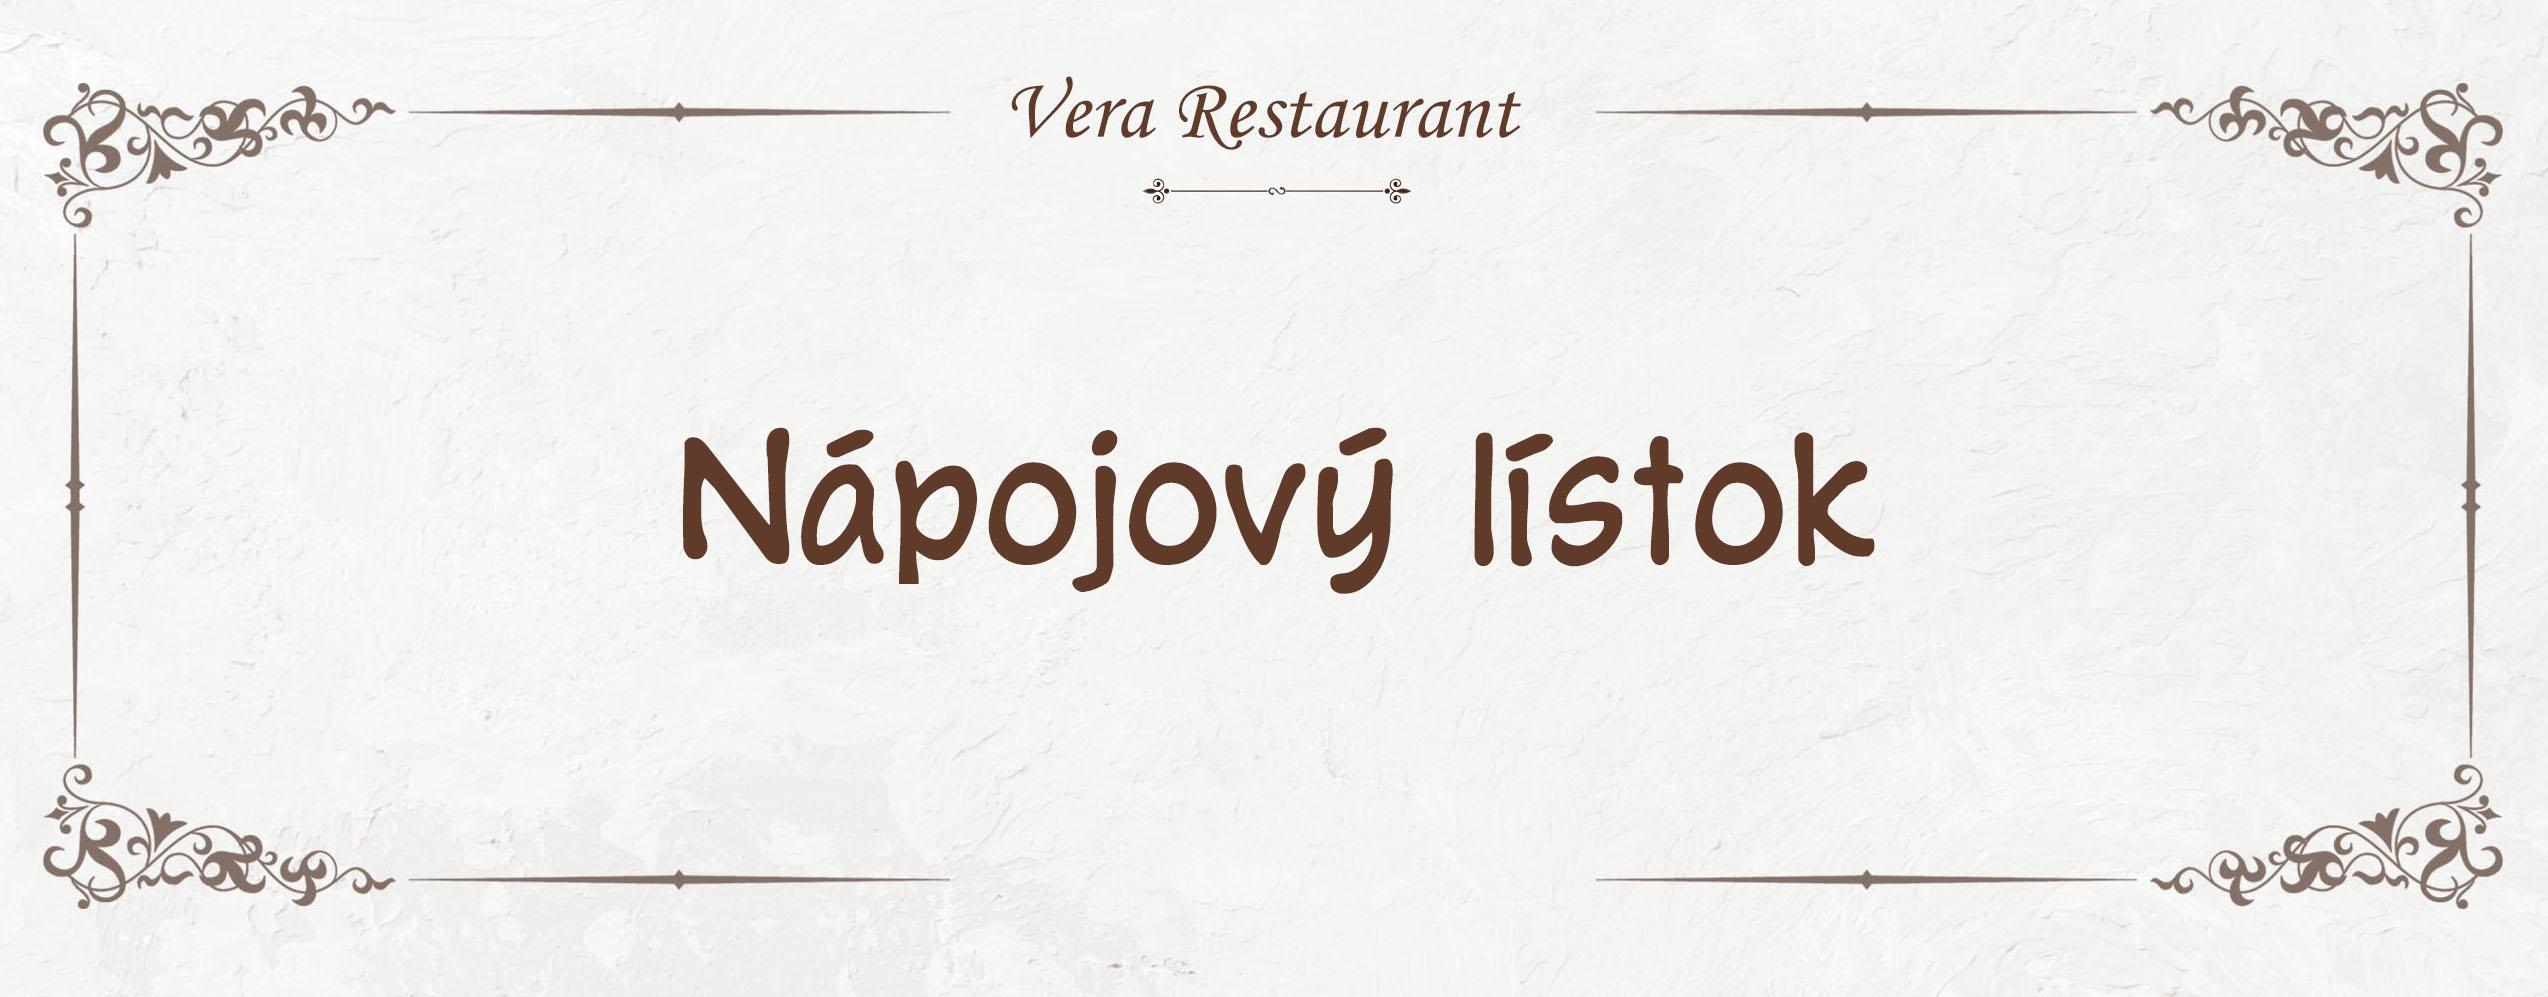 Nápojový lístok Vera Restaurant